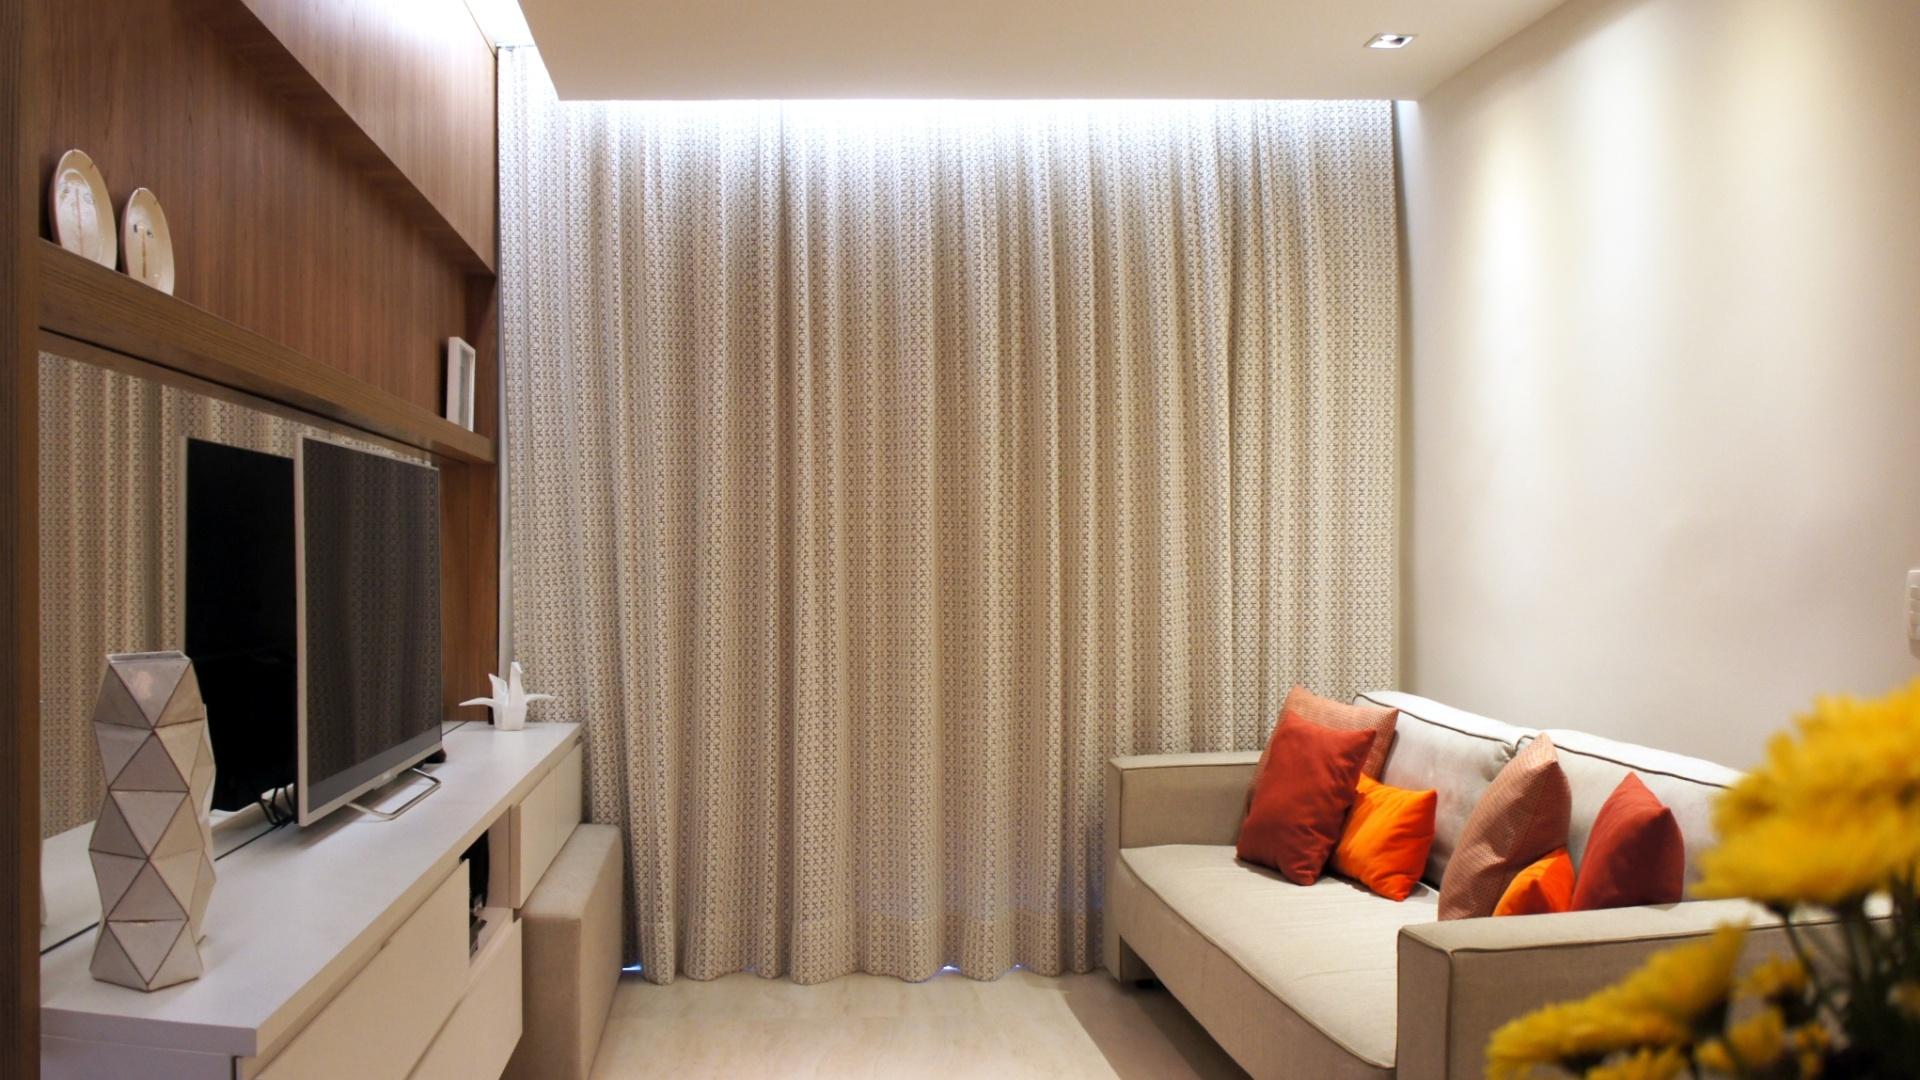 Gesso De Sala Pequena ~  Image For moldura gesso sala pequenaIdéias de decoração para casa